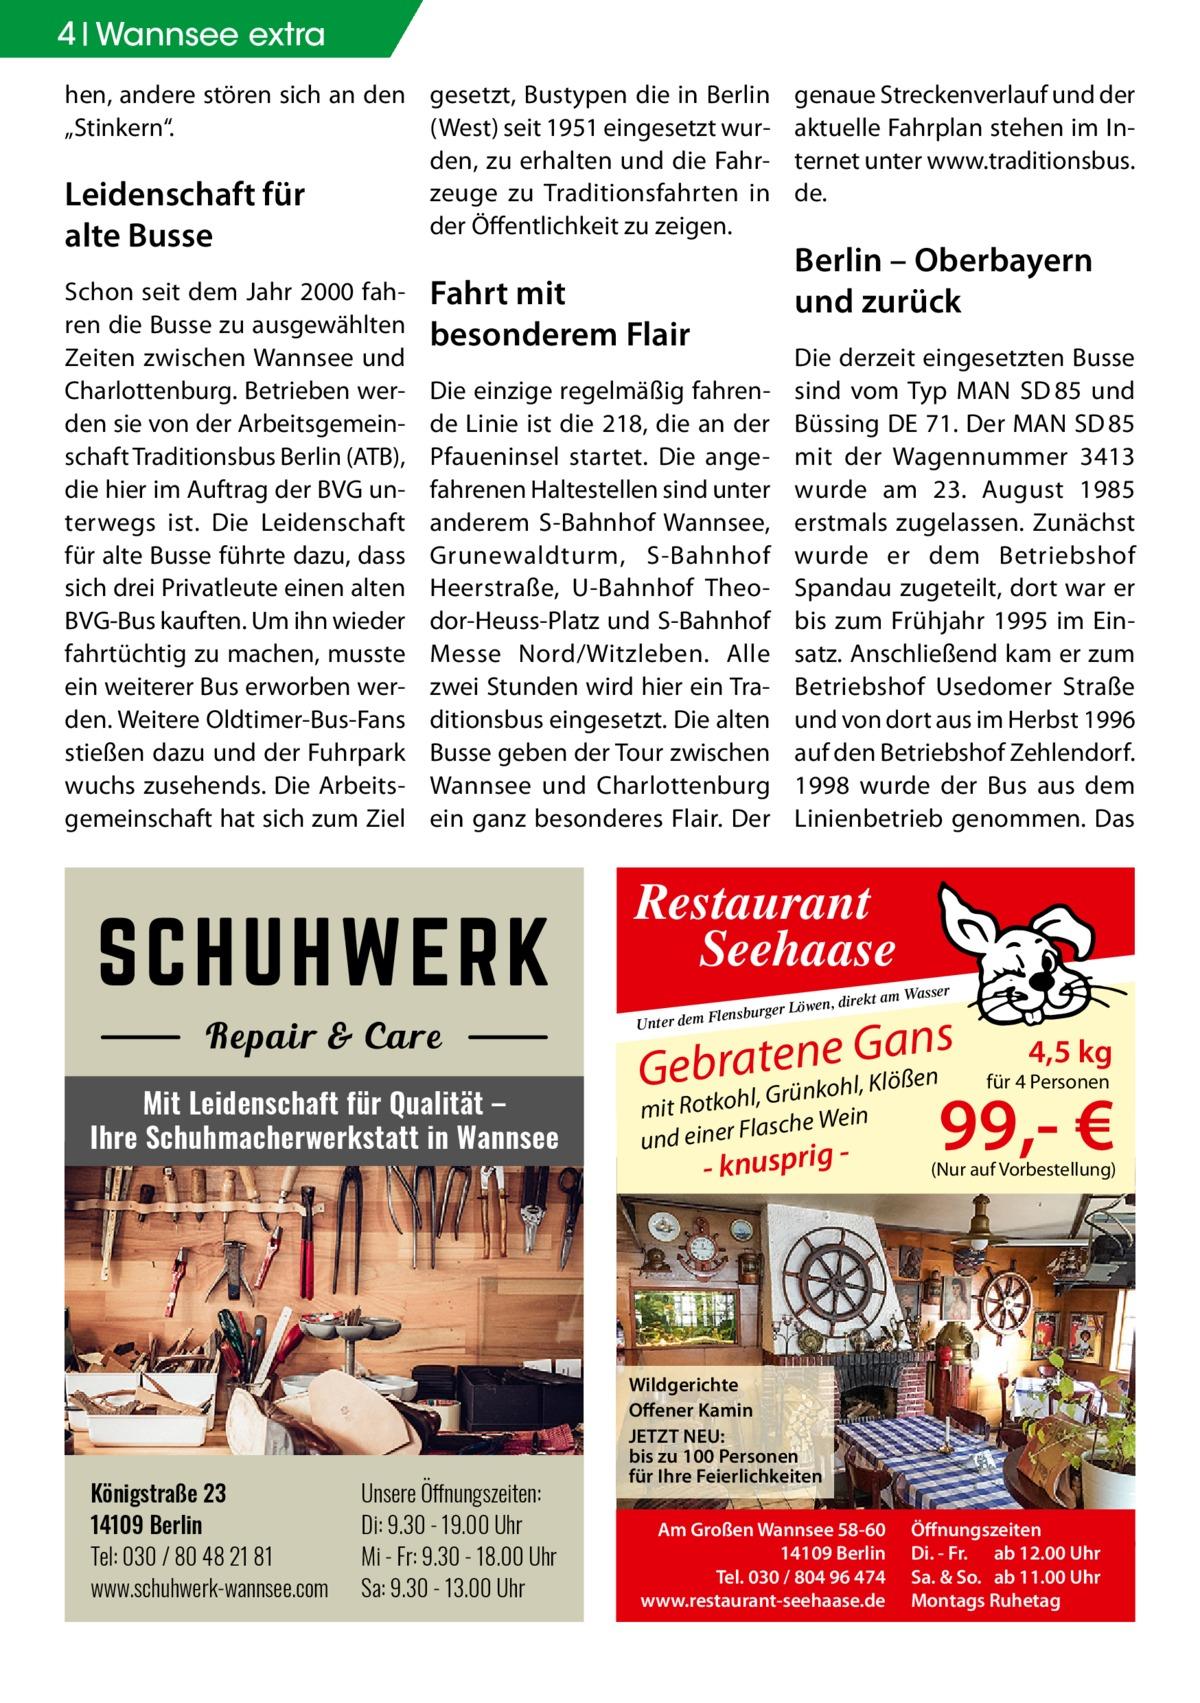 """4 Wannsee extra hen, andere stören sich an den gesetzt, Bustypen die in Berlin """"Stinkern"""". (West) seit 1951 eingesetzt wurden, zu erhalten und die Fahrzeuge zu Traditionsfahrten in Leidenschaft für der Öffentlichkeit zu zeigen. alte Busse Schon seit dem Jahr 2000 fahren die Busse zu ausgewählten Zeiten zwischen Wannsee und Charlottenburg. Betrieben werden sie von der Arbeitsgemeinschaft Traditionsbus Berlin (ATB), die hier im Auftrag der BVG unterwegs ist. Die Leidenschaft für alte Busse führte dazu, dass sich drei Privatleute einen alten BVG-Bus kauften. Um ihn wieder fahrtüchtig zu machen, musste ein weiterer Bus erworben werden. Weitere Oldtimer-Bus-Fans stießen dazu und der Fuhrpark wuchs zusehends. Die Arbeitsgemeinschaft hat sich zum Ziel  genaue Streckenverlauf und der aktuelle Fahrplan stehen im Internet unter www.traditionsbus. de.  Berlin – Oberbayern und zurück  Fahrt mit besonderem Flair  Die derzeit eingesetzten Busse sind vom Typ MAN SD85 und Büssing DE 71. Der MAN SD85 mit der Wagennummer 3413 wurde am 23. August 1985 erstmals zugelassen. Zunächst wurde er dem Betriebshof Spandau zugeteilt, dort war er bis zum Frühjahr 1995 im Einsatz. Anschließend kam er zum Betriebshof Usedomer Straße und von dort aus im Herbst 1996 auf den Betriebshof Zehlendorf. 1998 wurde der Bus aus dem Linienbetrieb genommen. Das  Die einzige regelmäßig fahrende Linie ist die 218, die an der Pfaueninsel startet. Die angefahrenen Haltestellen sind unter anderem S-Bahnhof Wannsee, Grunewaldturm, S-Bahnhof Heerstraße, U-Bahnhof Theodor-Heuss-Platz und S-Bahnhof Messe Nord/Witzleben. Alle zwei Stunden wird hier ein Traditionsbus eingesetzt. Die alten Busse geben der Tour zwischen Wannsee und Charlottenburg ein ganz besonderes Flair. Der  Restaurant Seehaase Mit Leidenschaft für Qualität – Ihre Schuhmacherwerkstatt in Wannsee  Königstraße 23 14109 Berlin Tel: 030 / 80 48 21 81 www.schuhwerk-wannsee.com  Unsere Öffnungszeiten: Di: 9.30 - 19.00 Uhr Mi - Fr: 9.30 - 18.00 Uhr Sa: 9.30 -"""